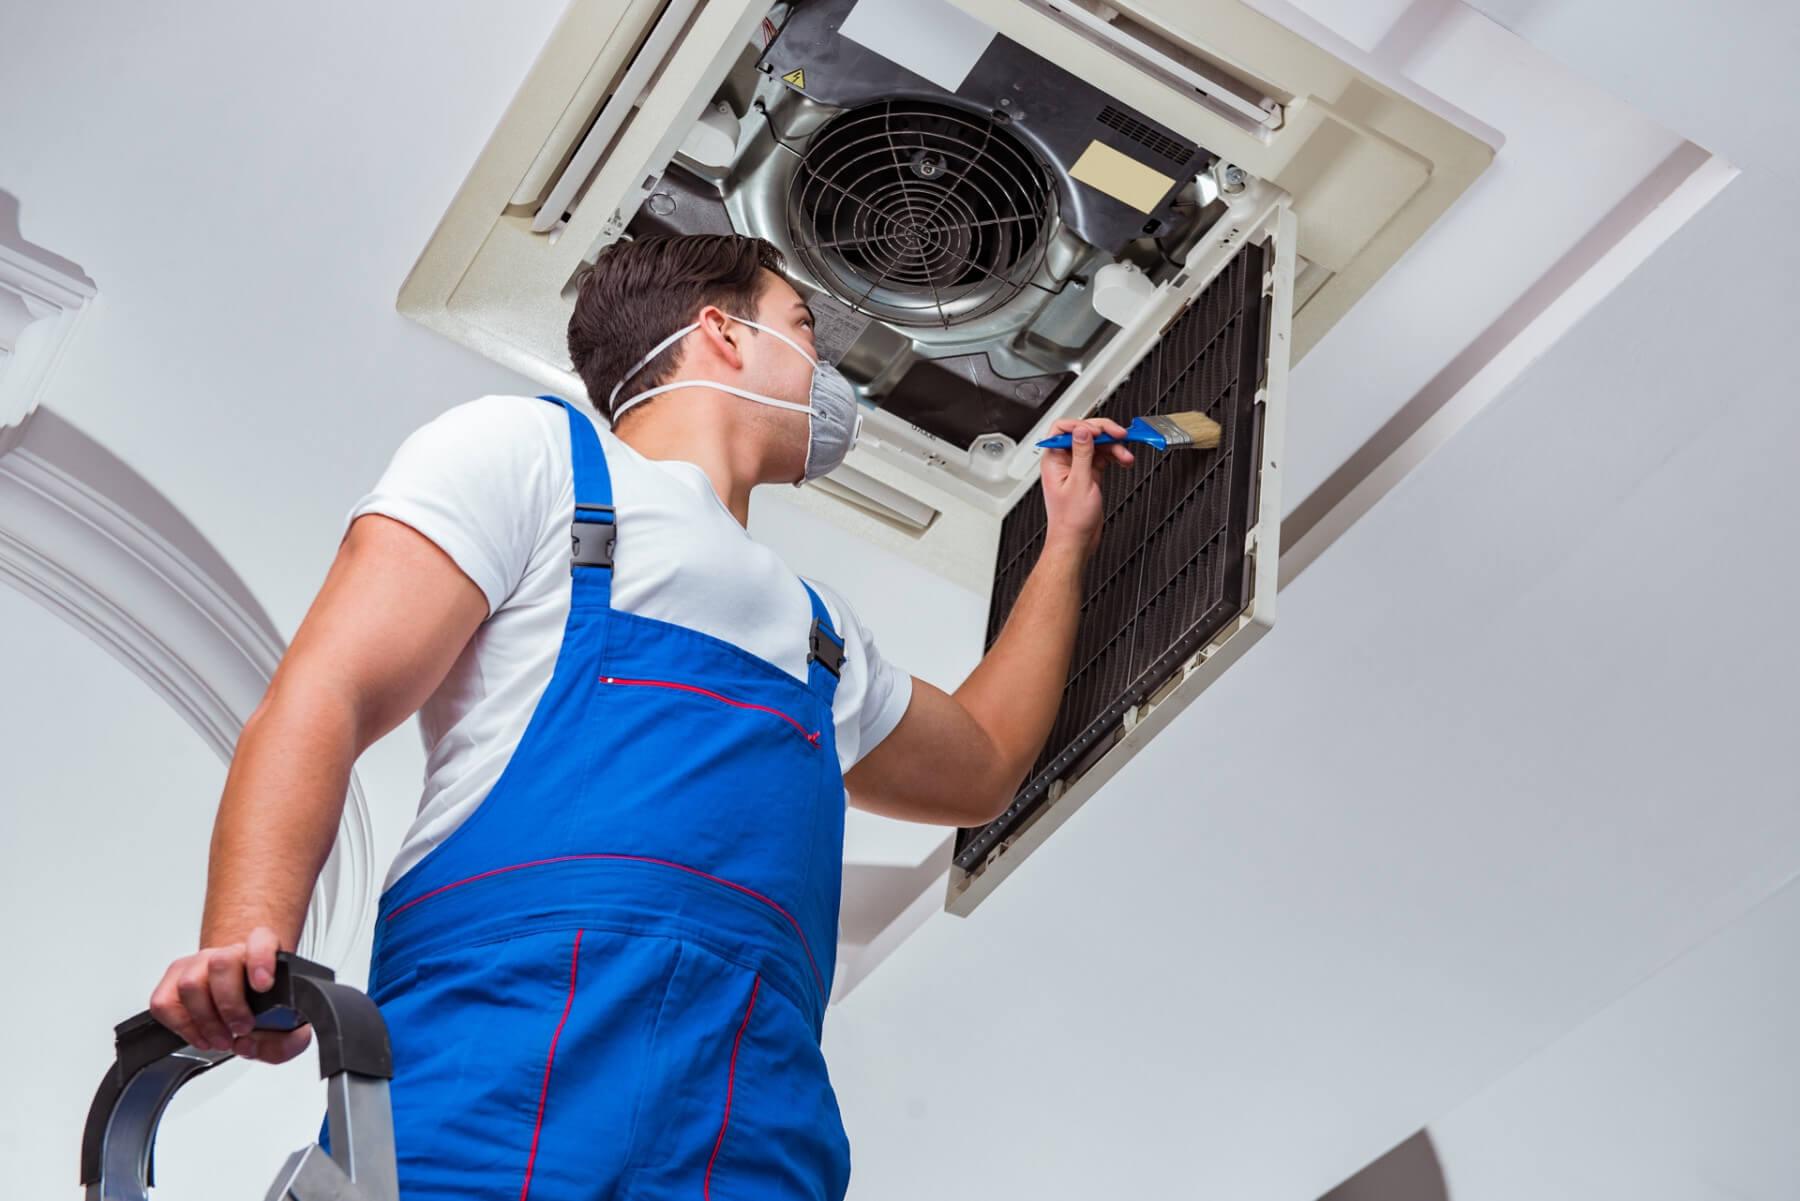 údržba domácí klimatizace